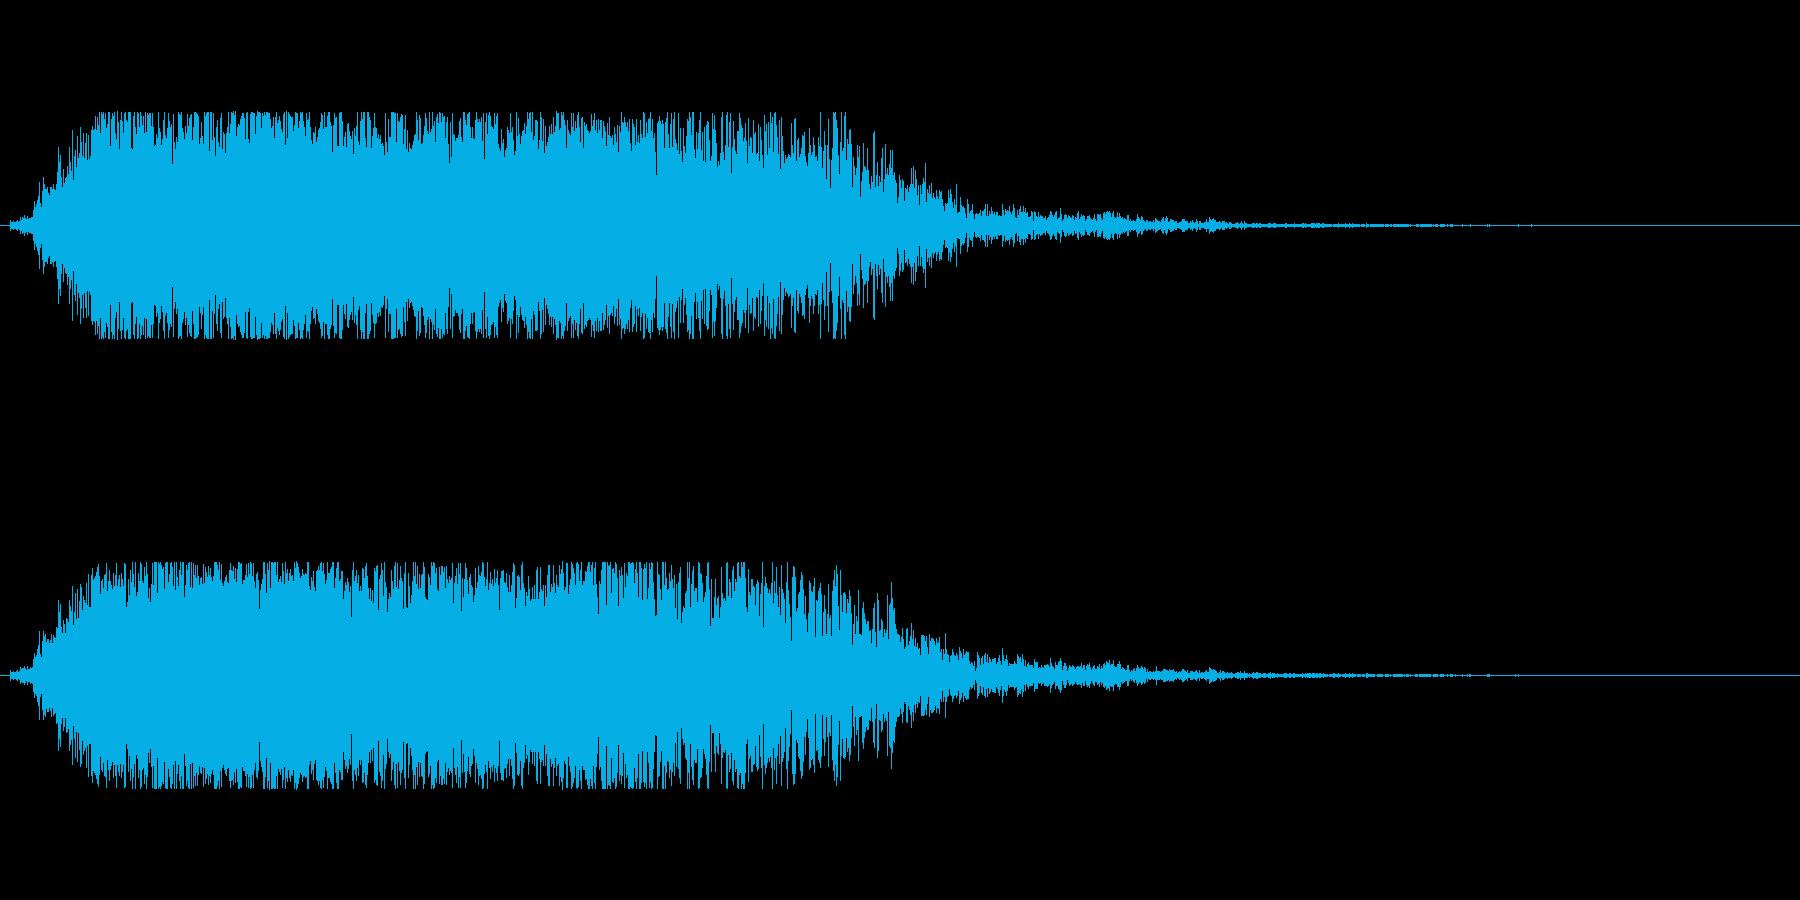 ギャオー(怪獣系の鳴き声)の再生済みの波形